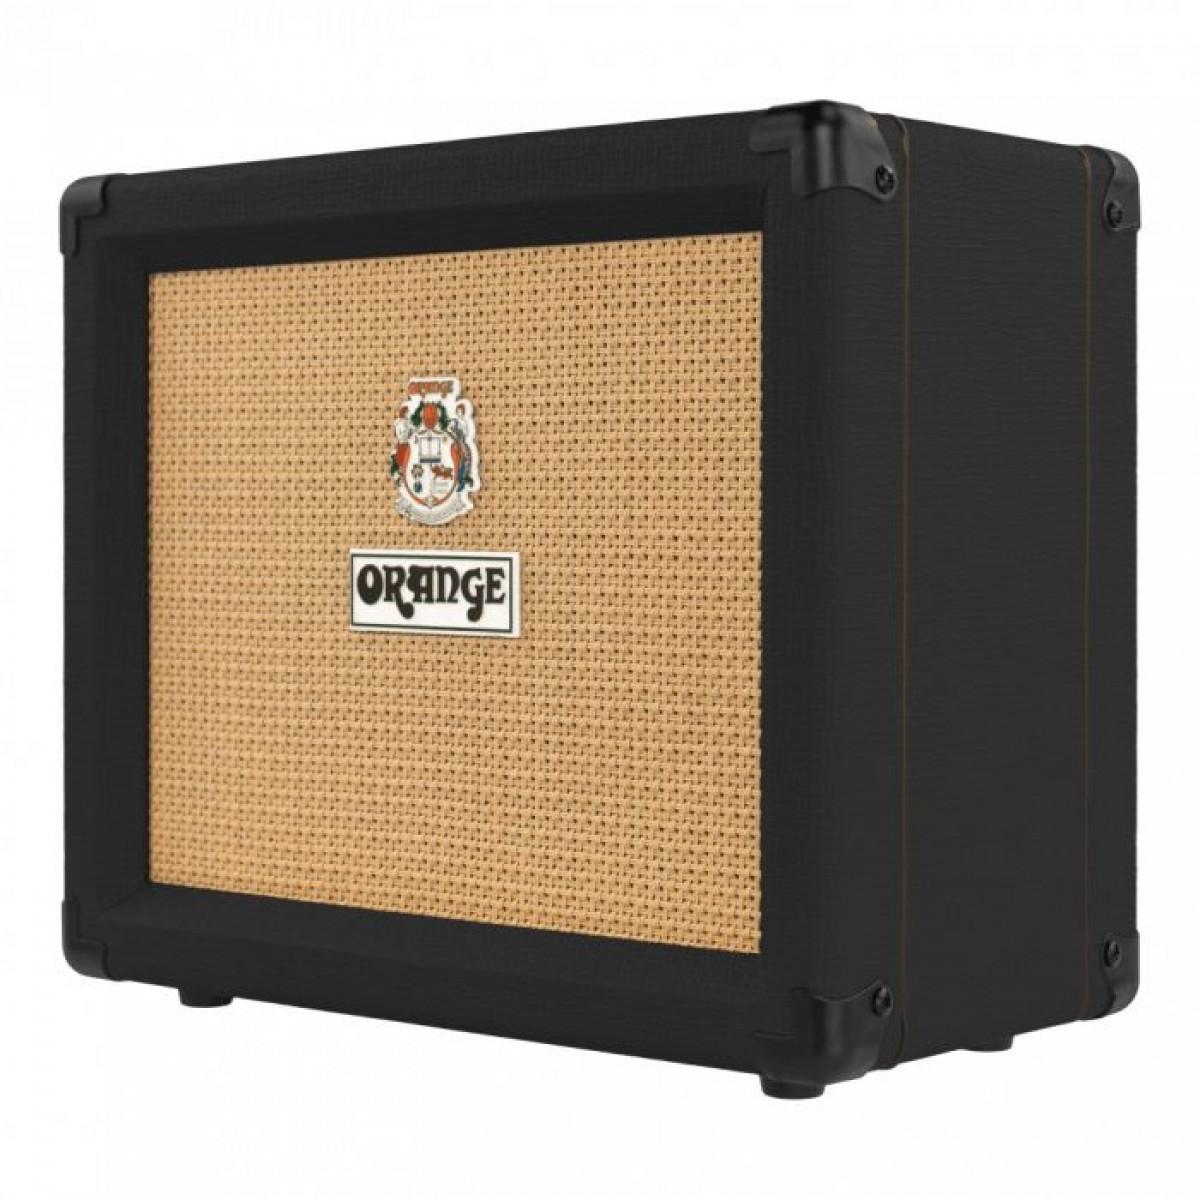 orange crush 20 bk black guitar combo amplifier. Black Bedroom Furniture Sets. Home Design Ideas